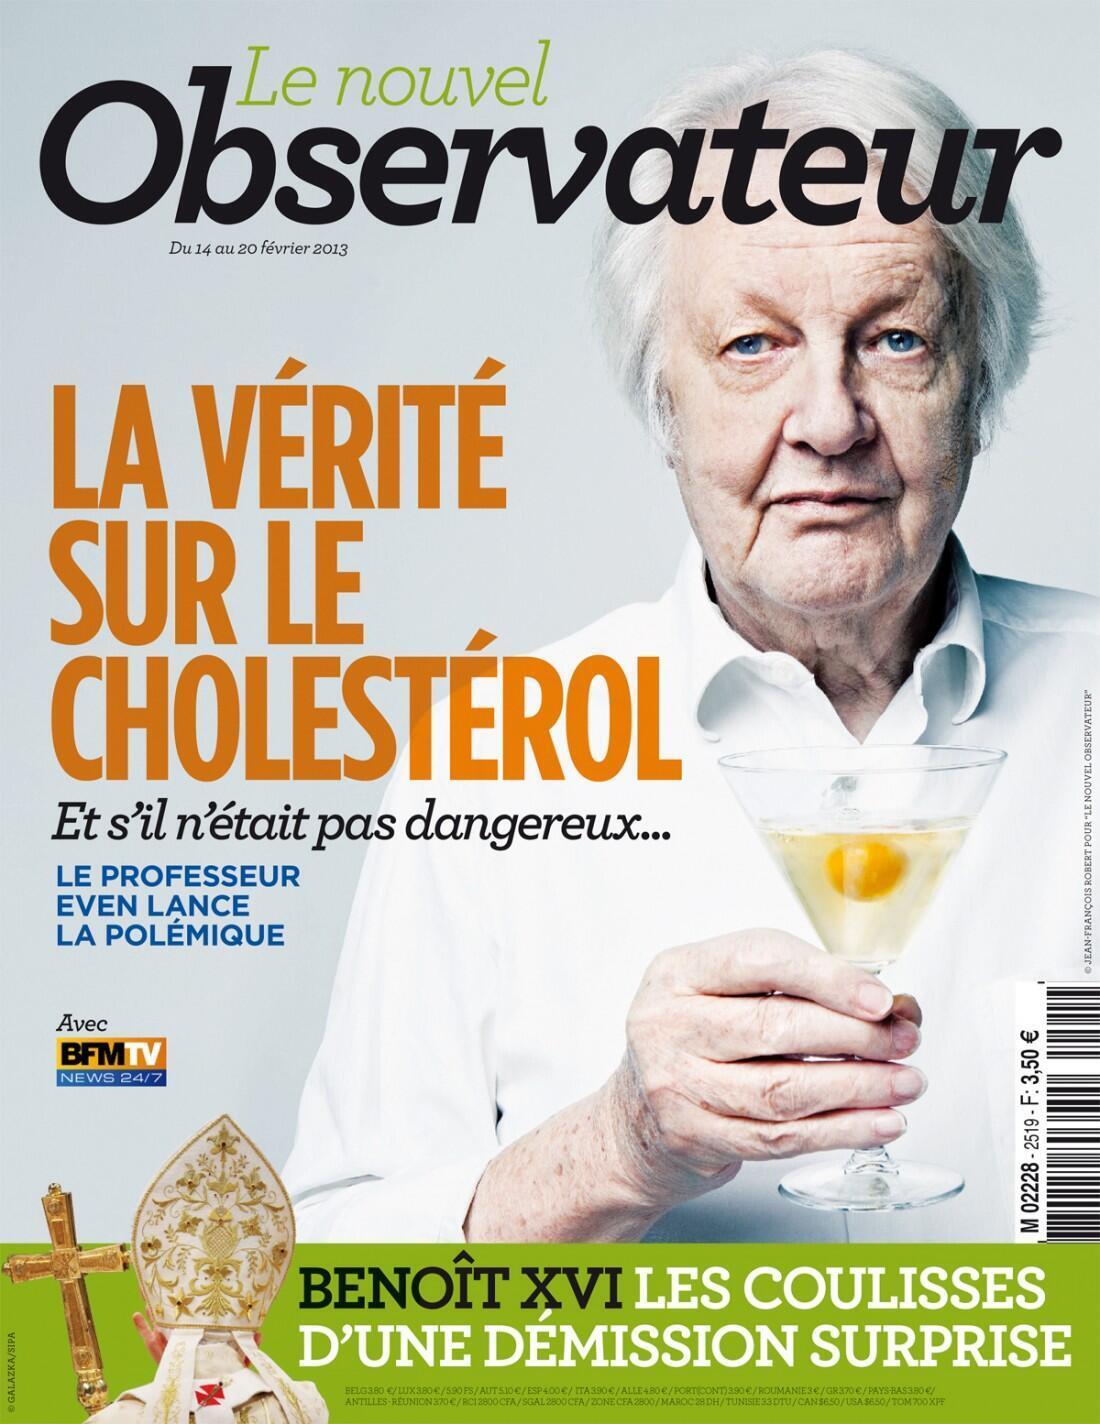 Tuần báo Le Nouvel Observateur giới thiệu về cuốn sách của Gs Philippe Even